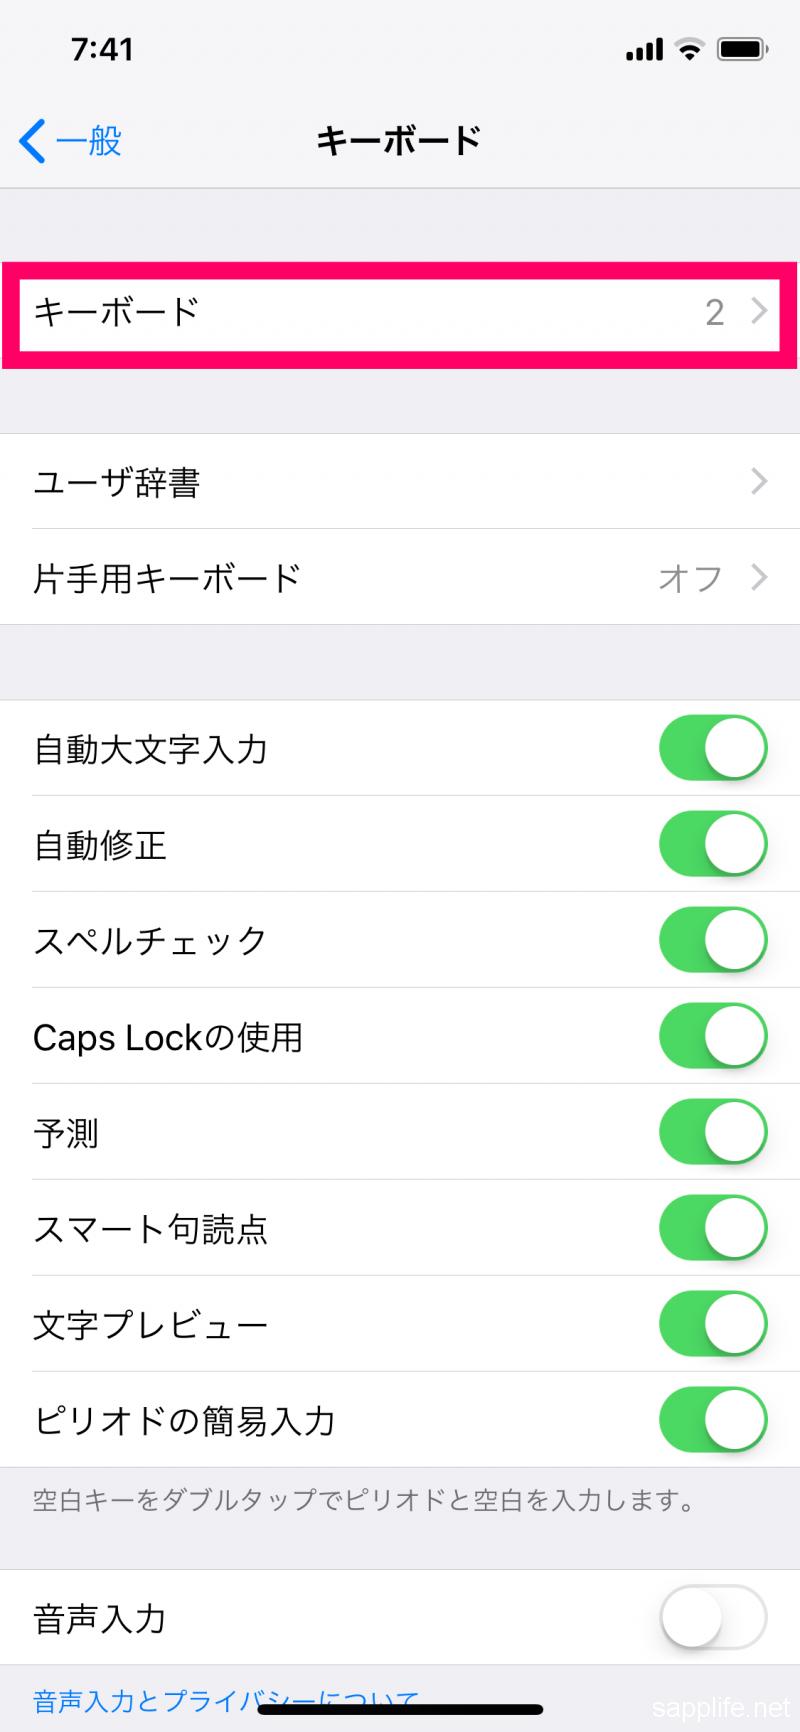 iPhoneでローマ字入力のやり方キーボード設定2